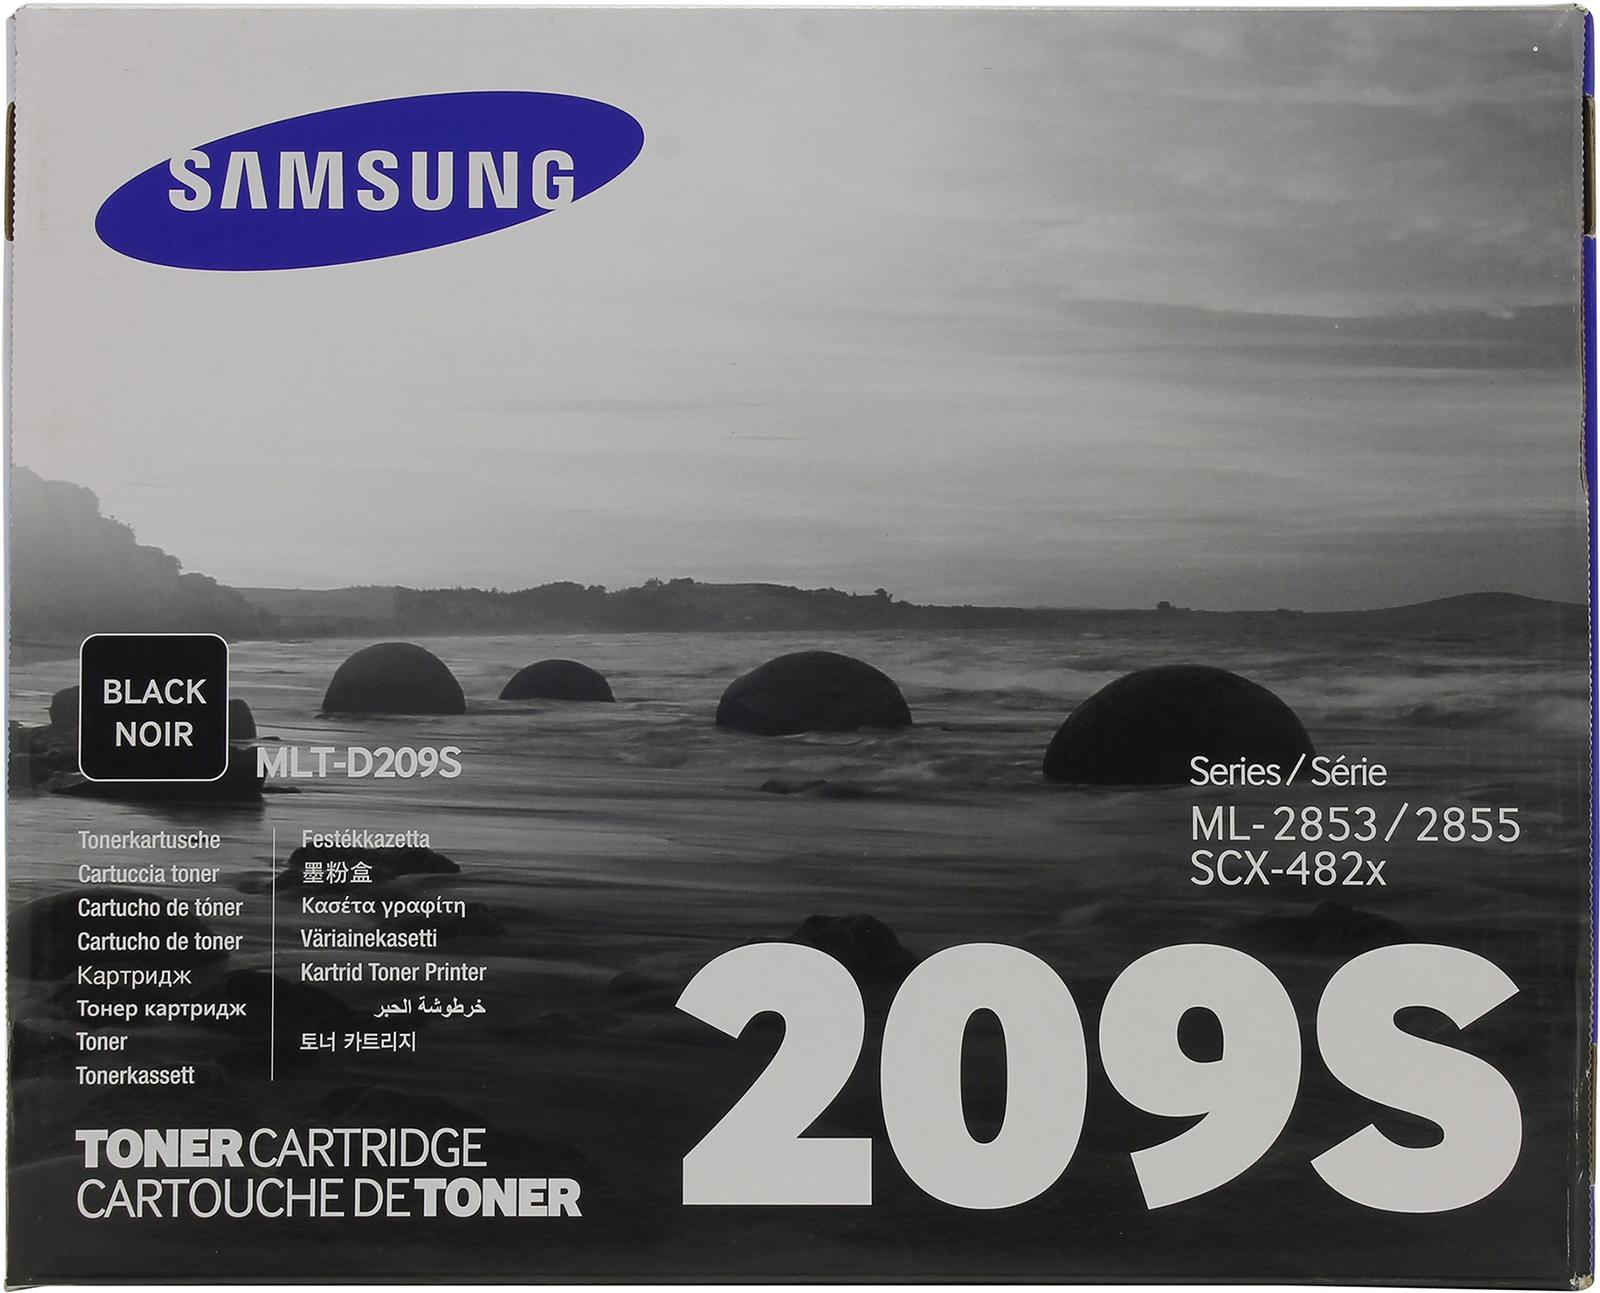 Картридж Samsung MLT-D209S, черный, для лазерного принтера, оригинал